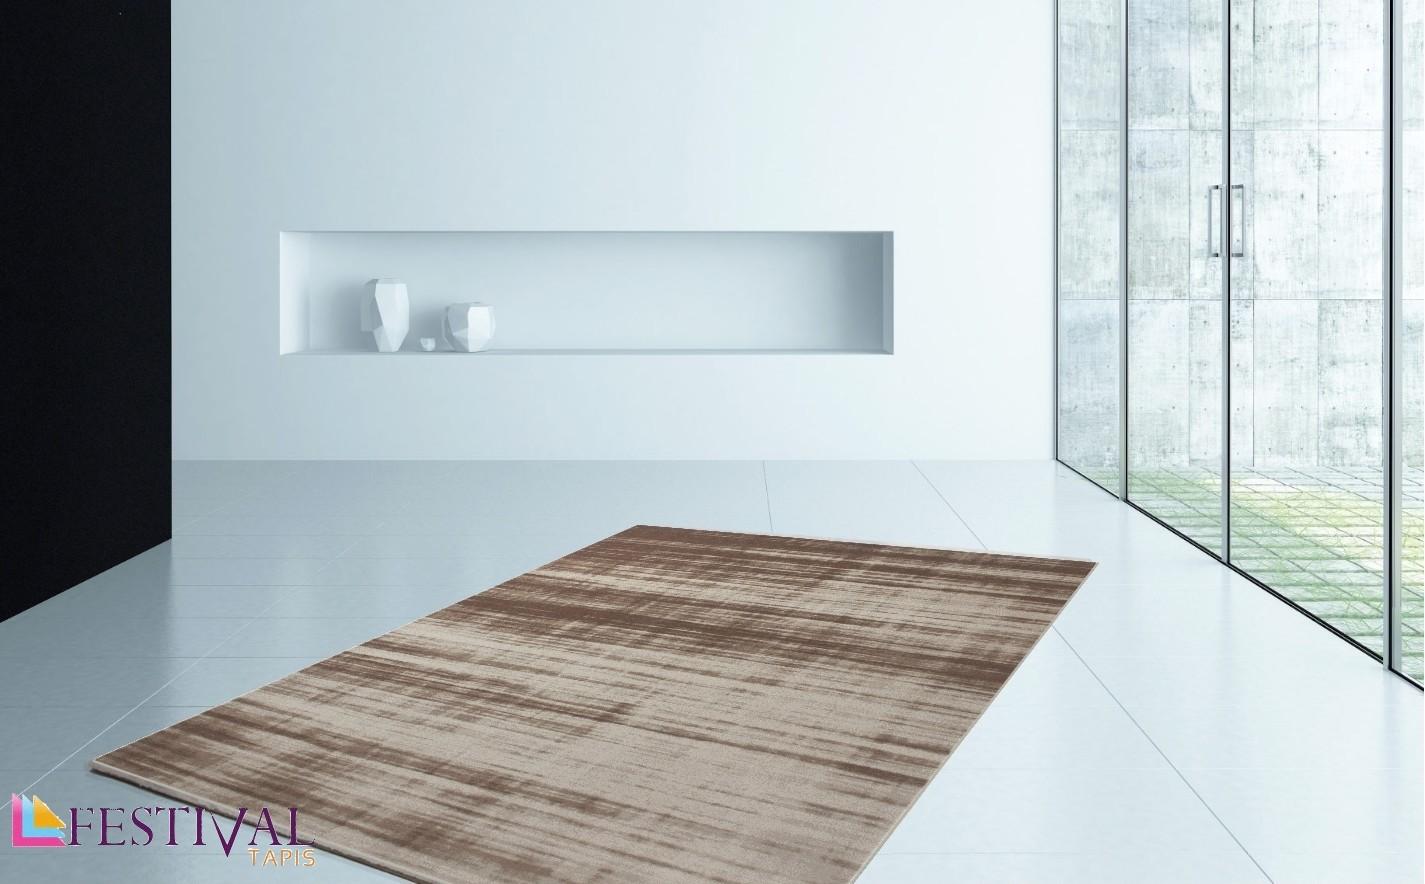 Tapis rayé en acrylique contemporain brun beige STRIPES-3